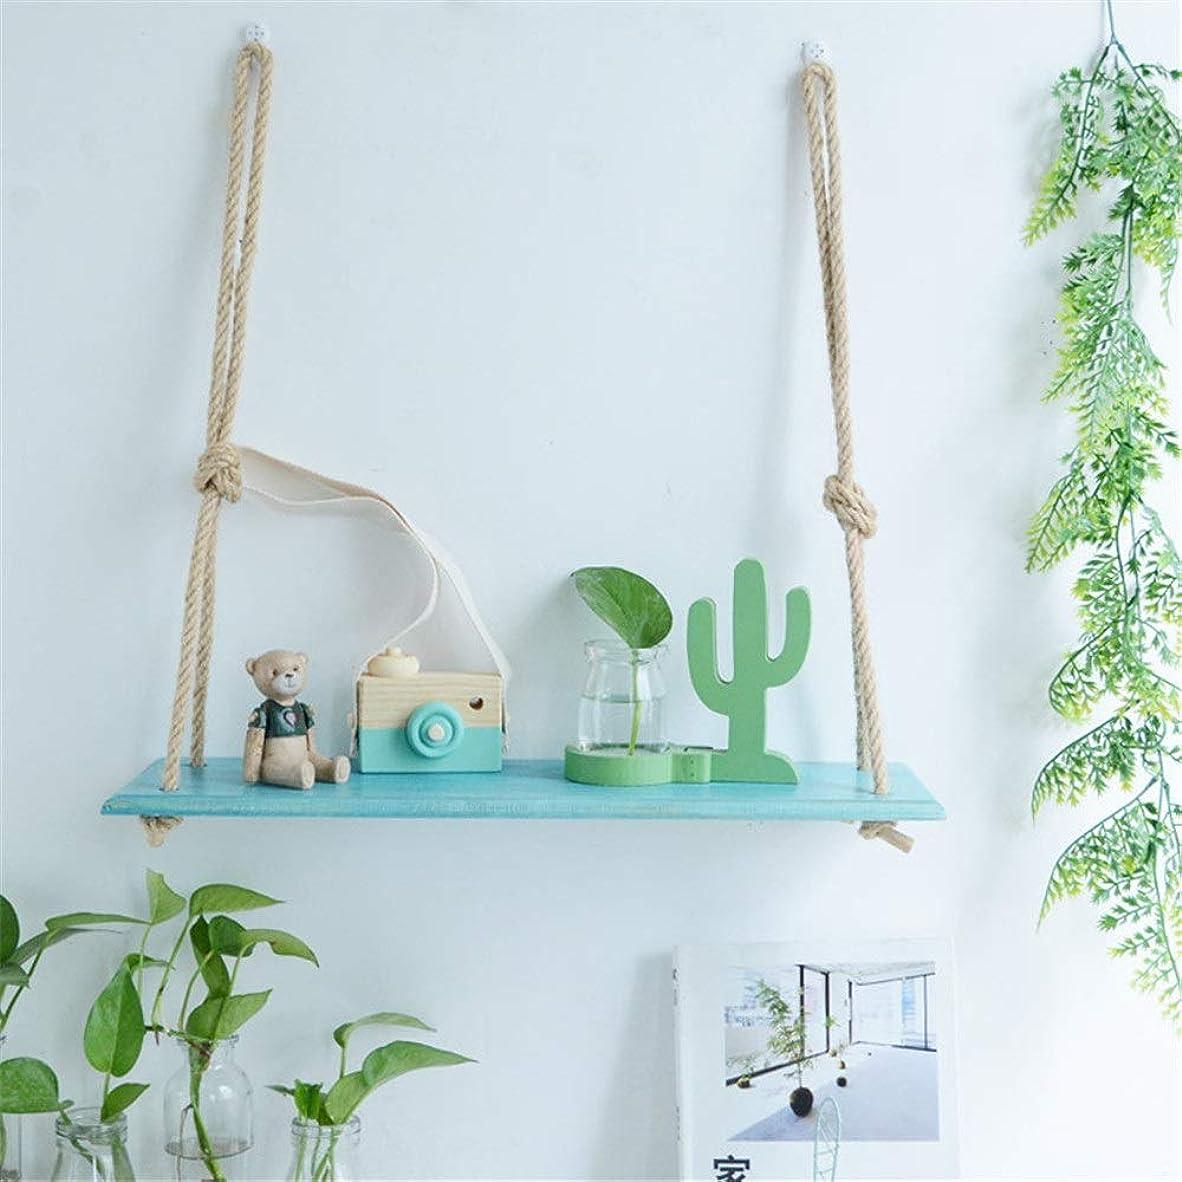 回答インゲン支配的棚 リビングルーム収納ラック壁仕切り壁装飾デザインのための麻の壁フレーム ウォールハンガー (色 : 緑, サイズ : 2tiers)